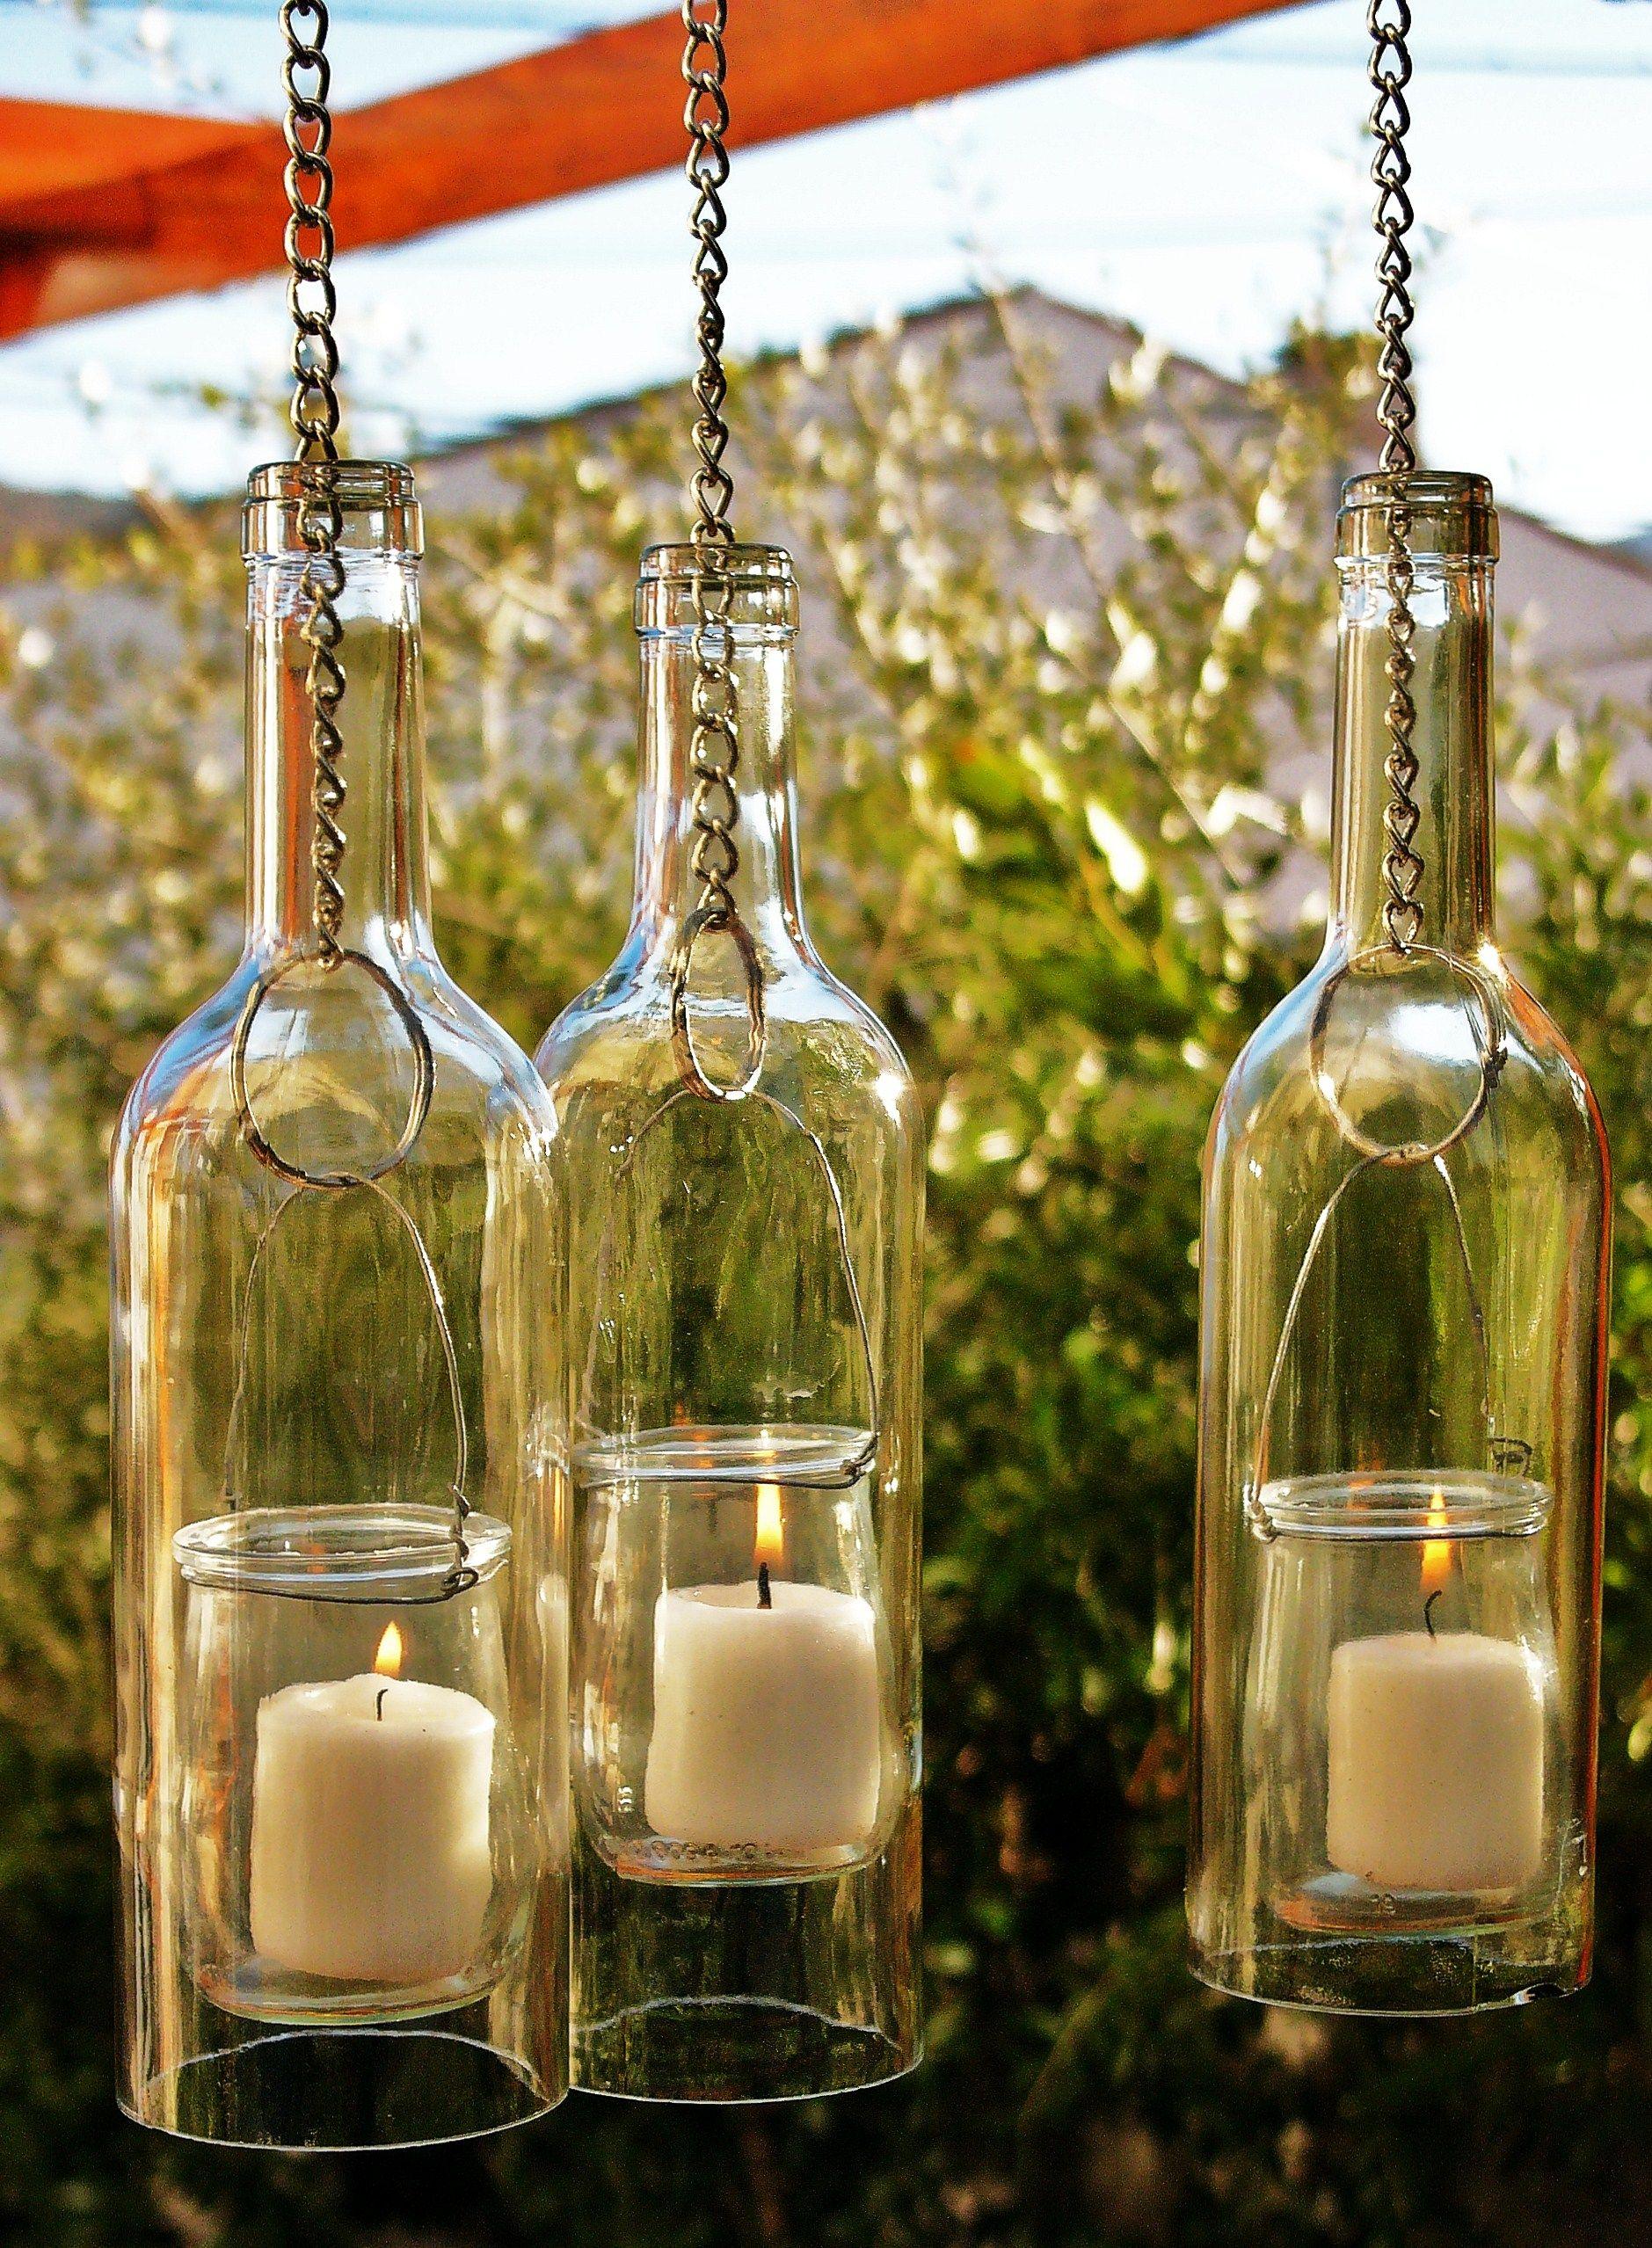 Como Hacer Lamparas Con Botellas De Vidrio Recicladas Fanal Botella Colgante 1 Jpg 1 879 2 557 Pixels Botellas De